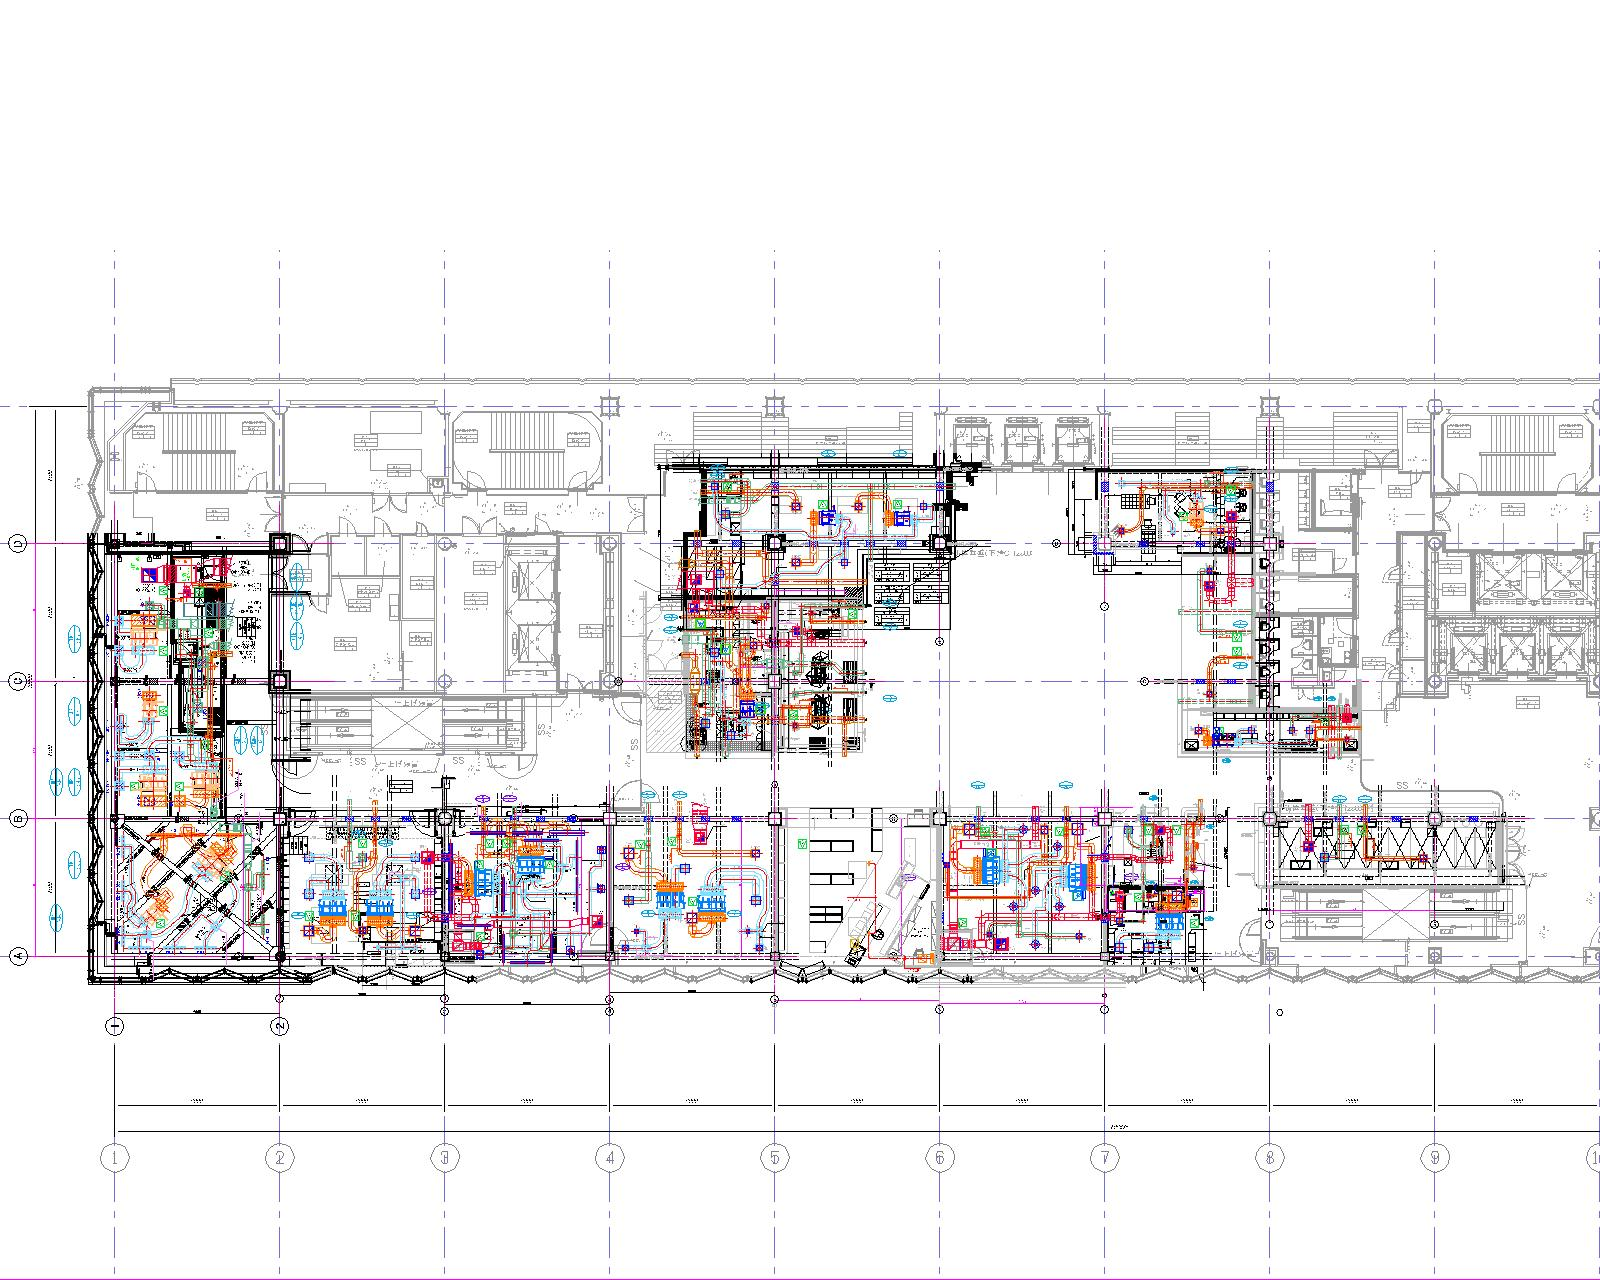 ★★12_ダクト設備平面図(6-C))3.7改正 6-A~6R-モデル